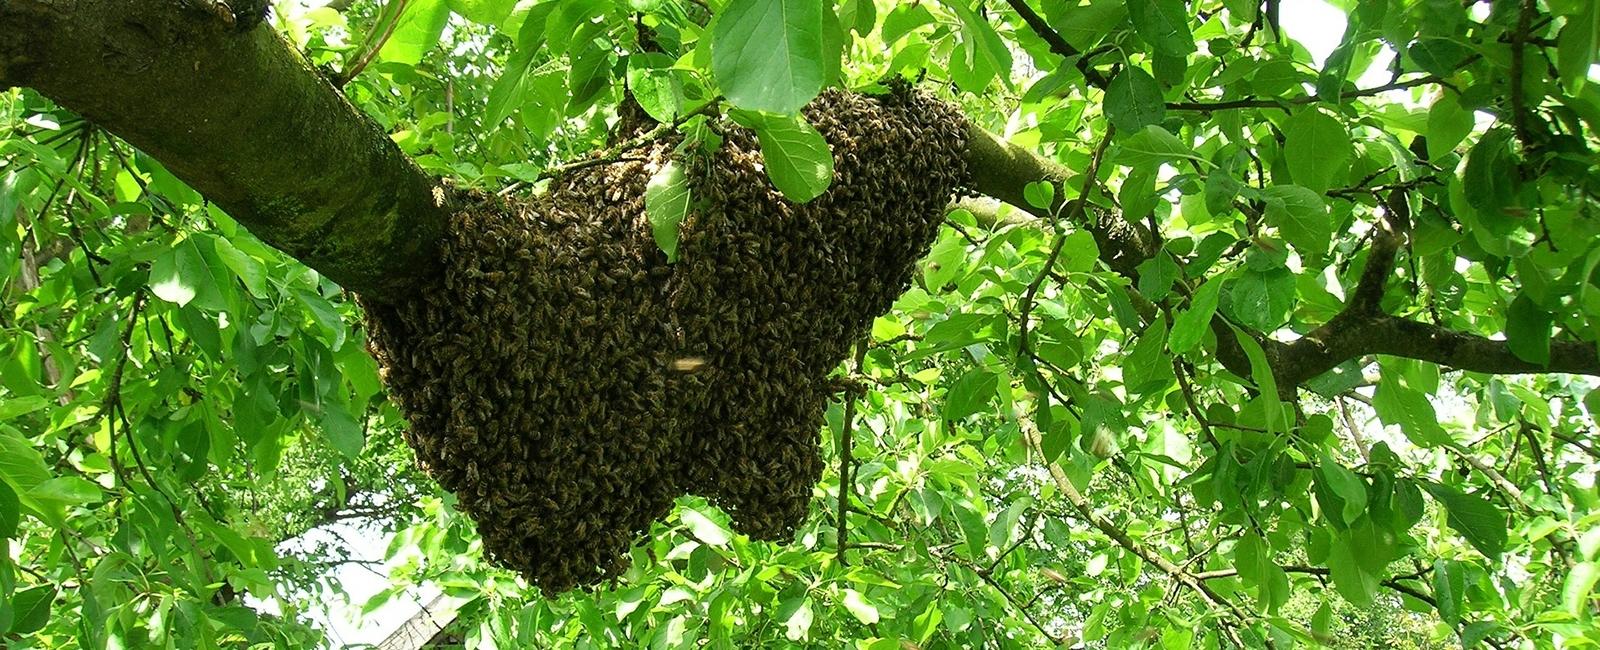 Wild Honey Hunters (@wildhoneyhunters) Cover Image